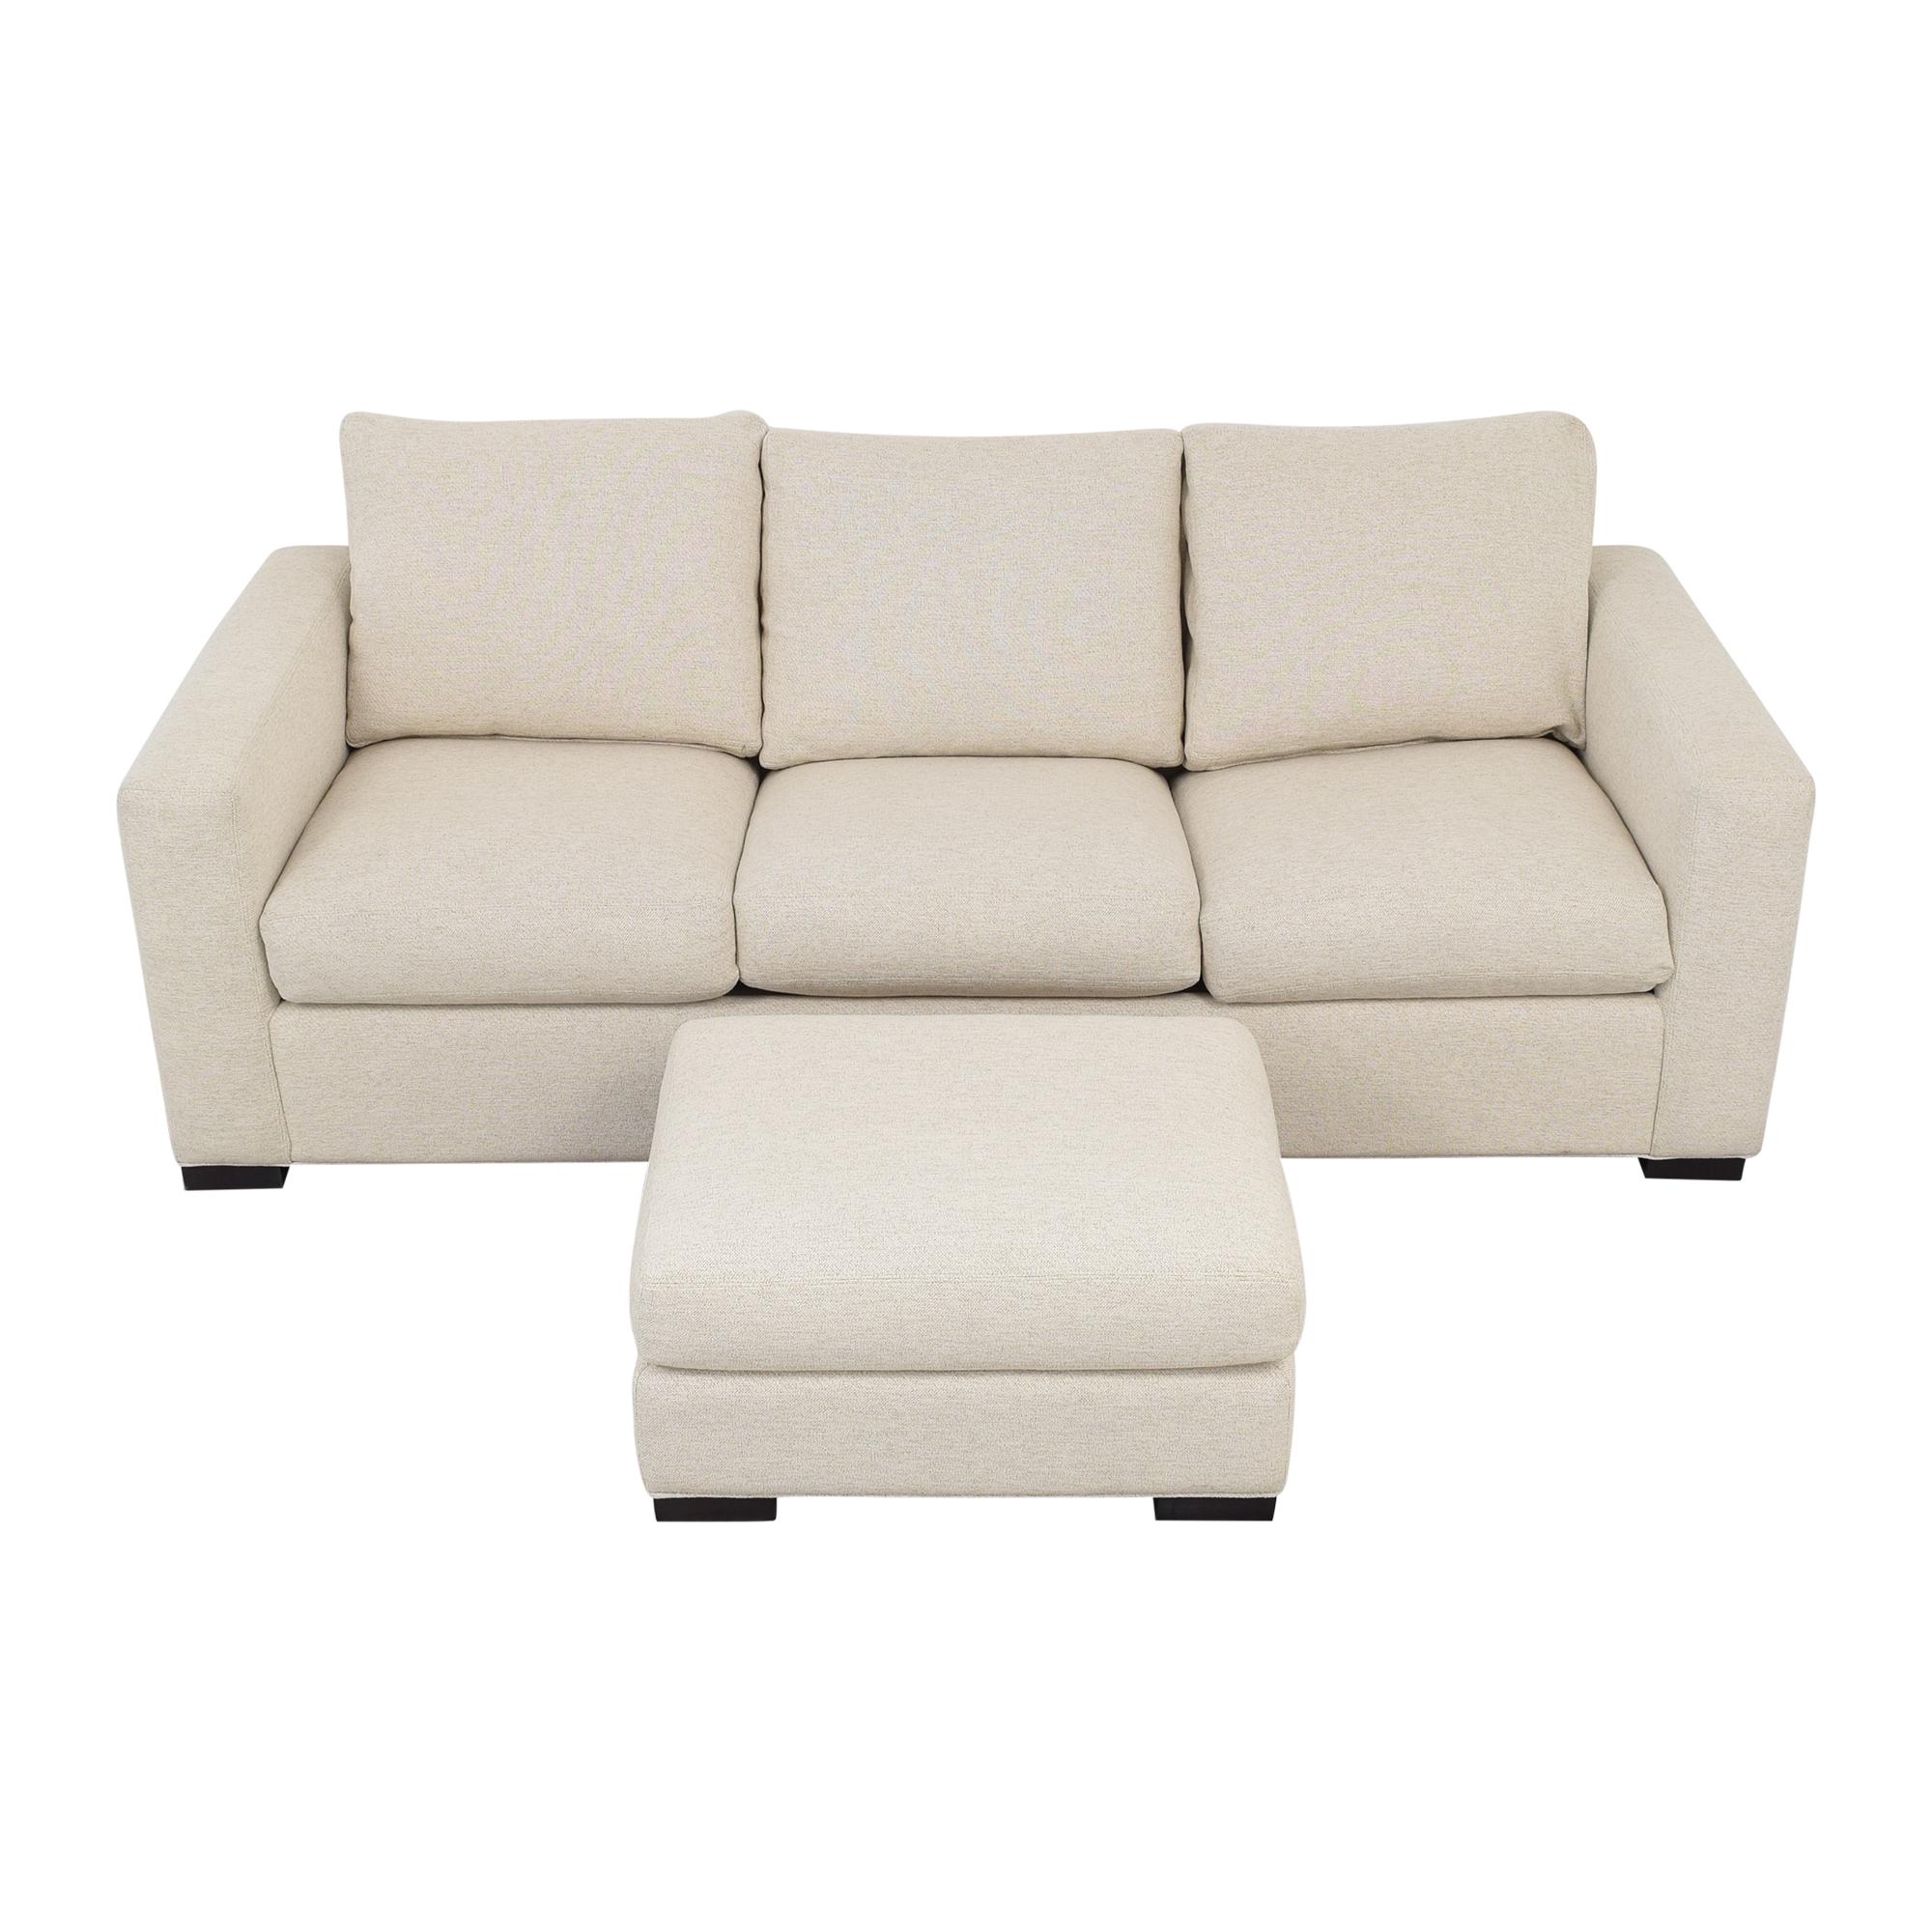 buy Room & Board Queen Sleeper Sofa with Ottoman Room & Board Sofa Beds